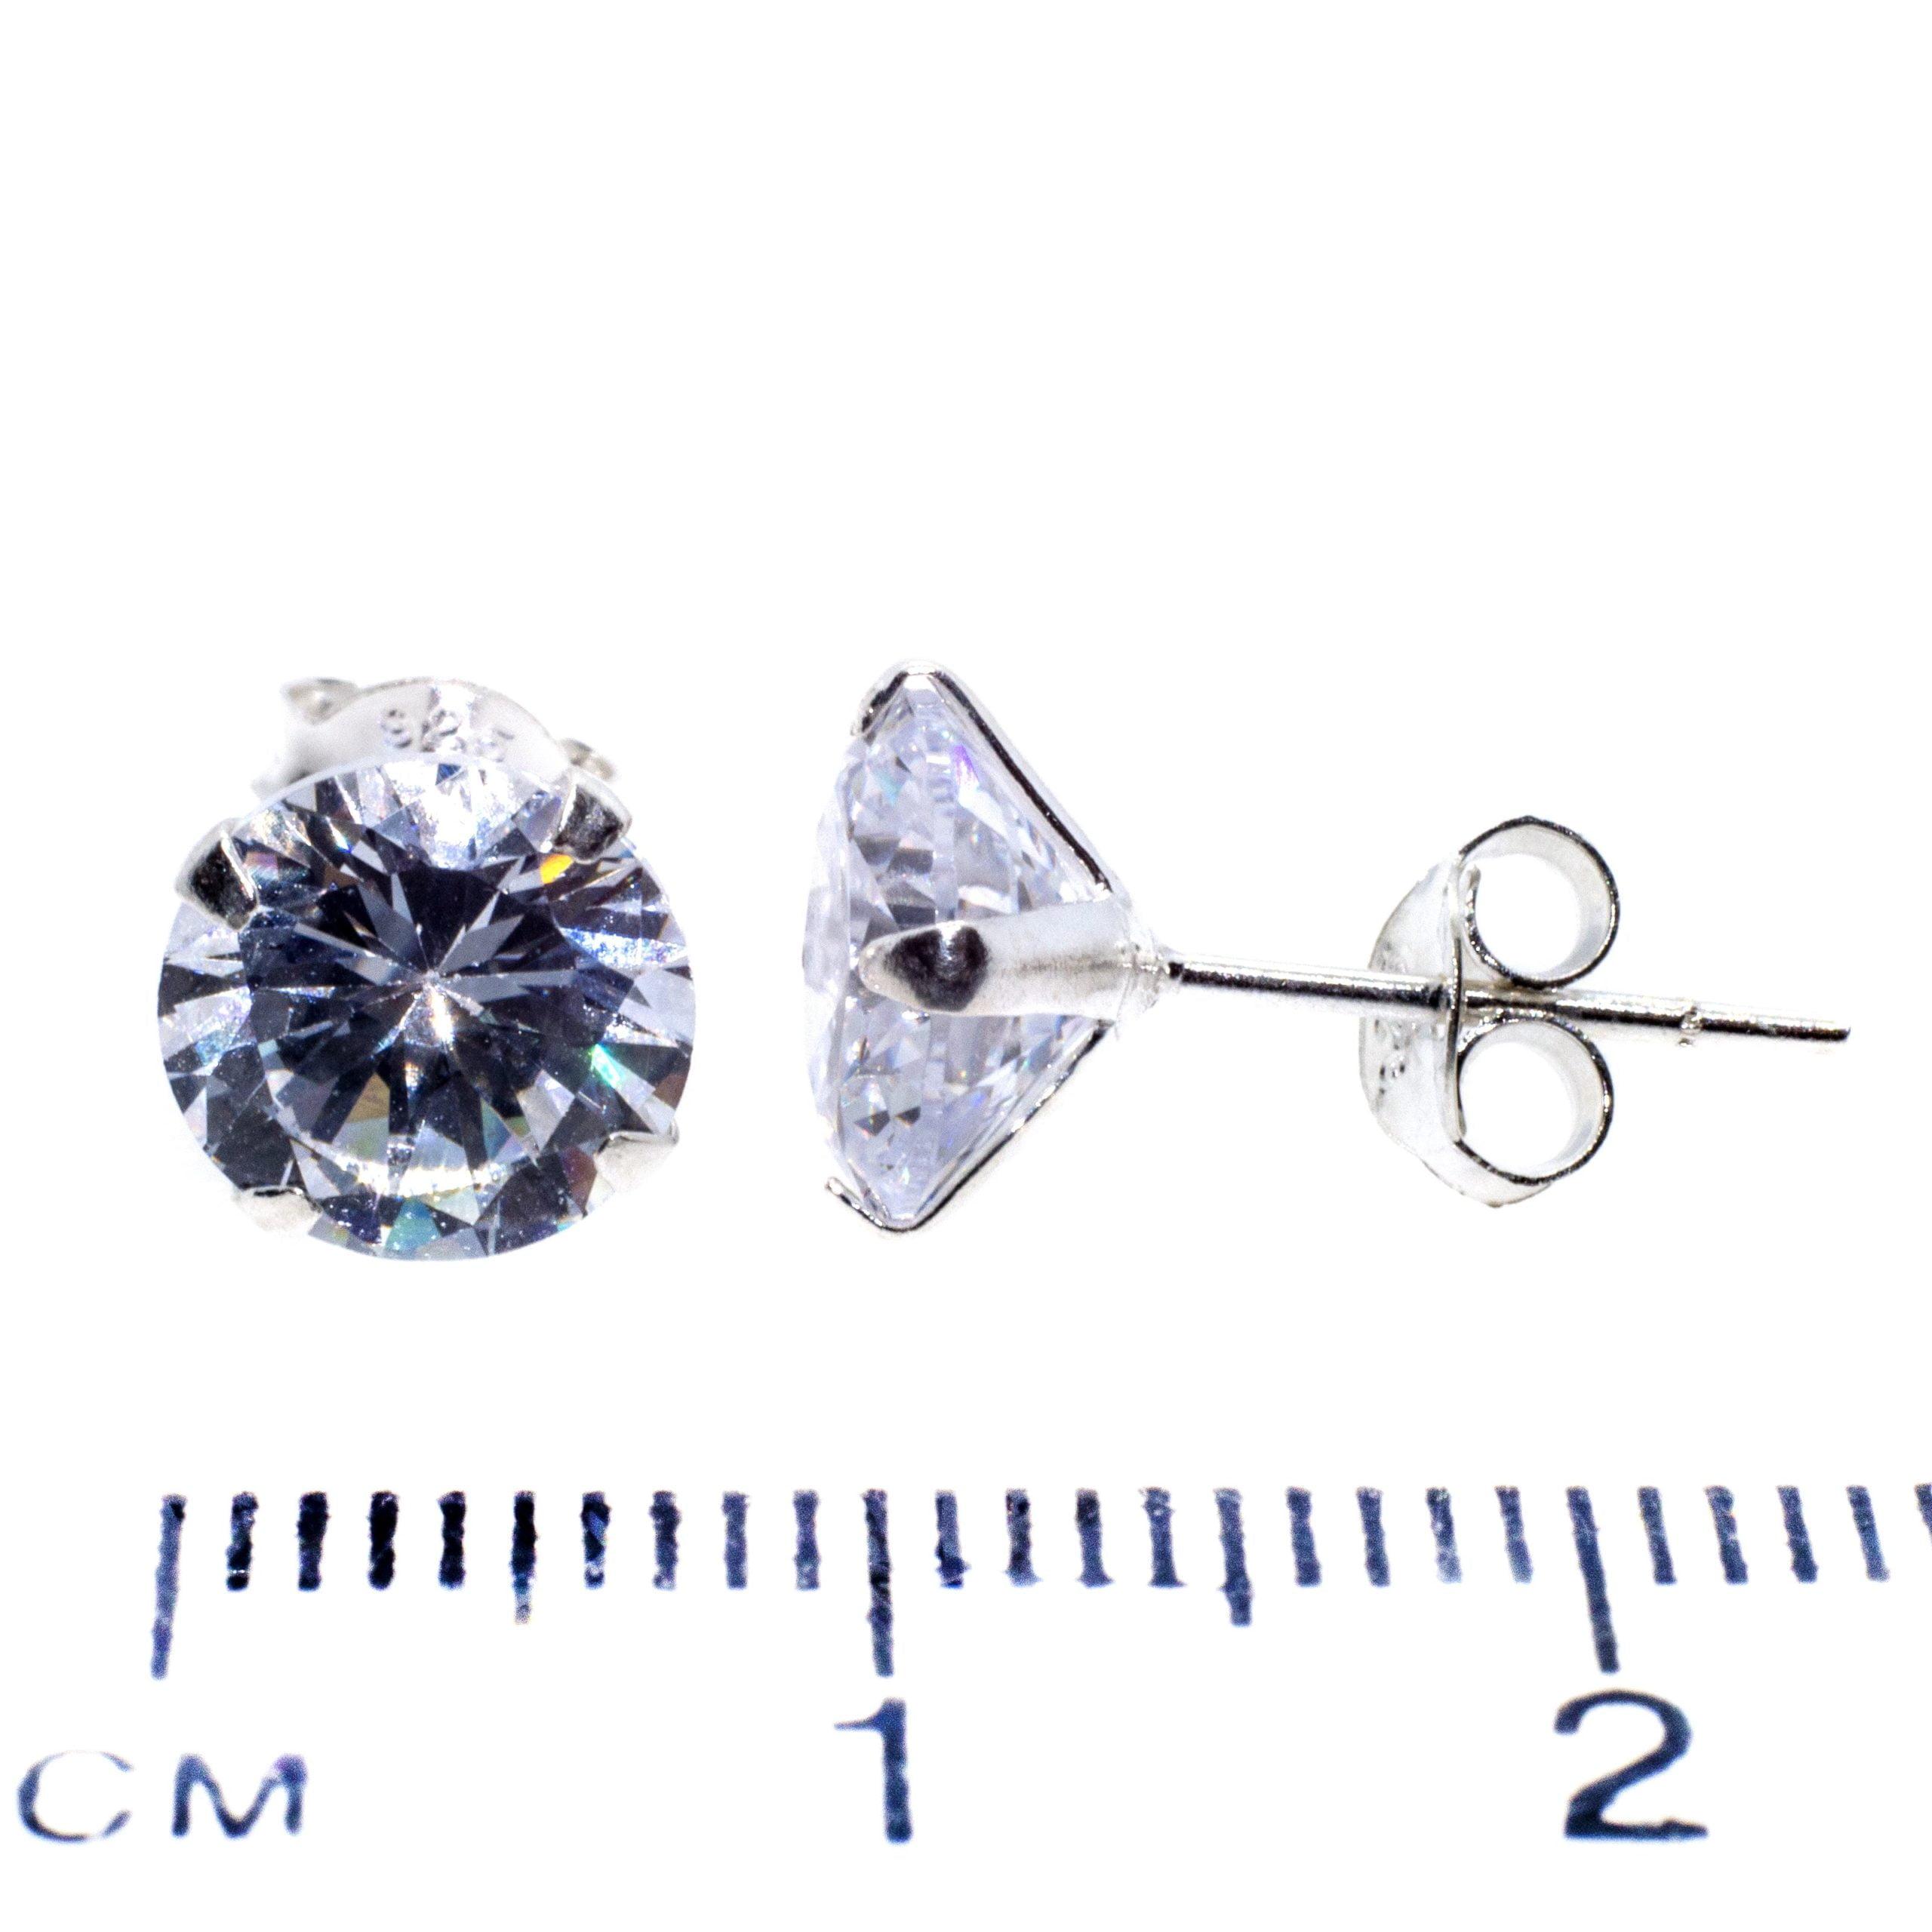 8mm CZ stud earrings sterling silver ruler